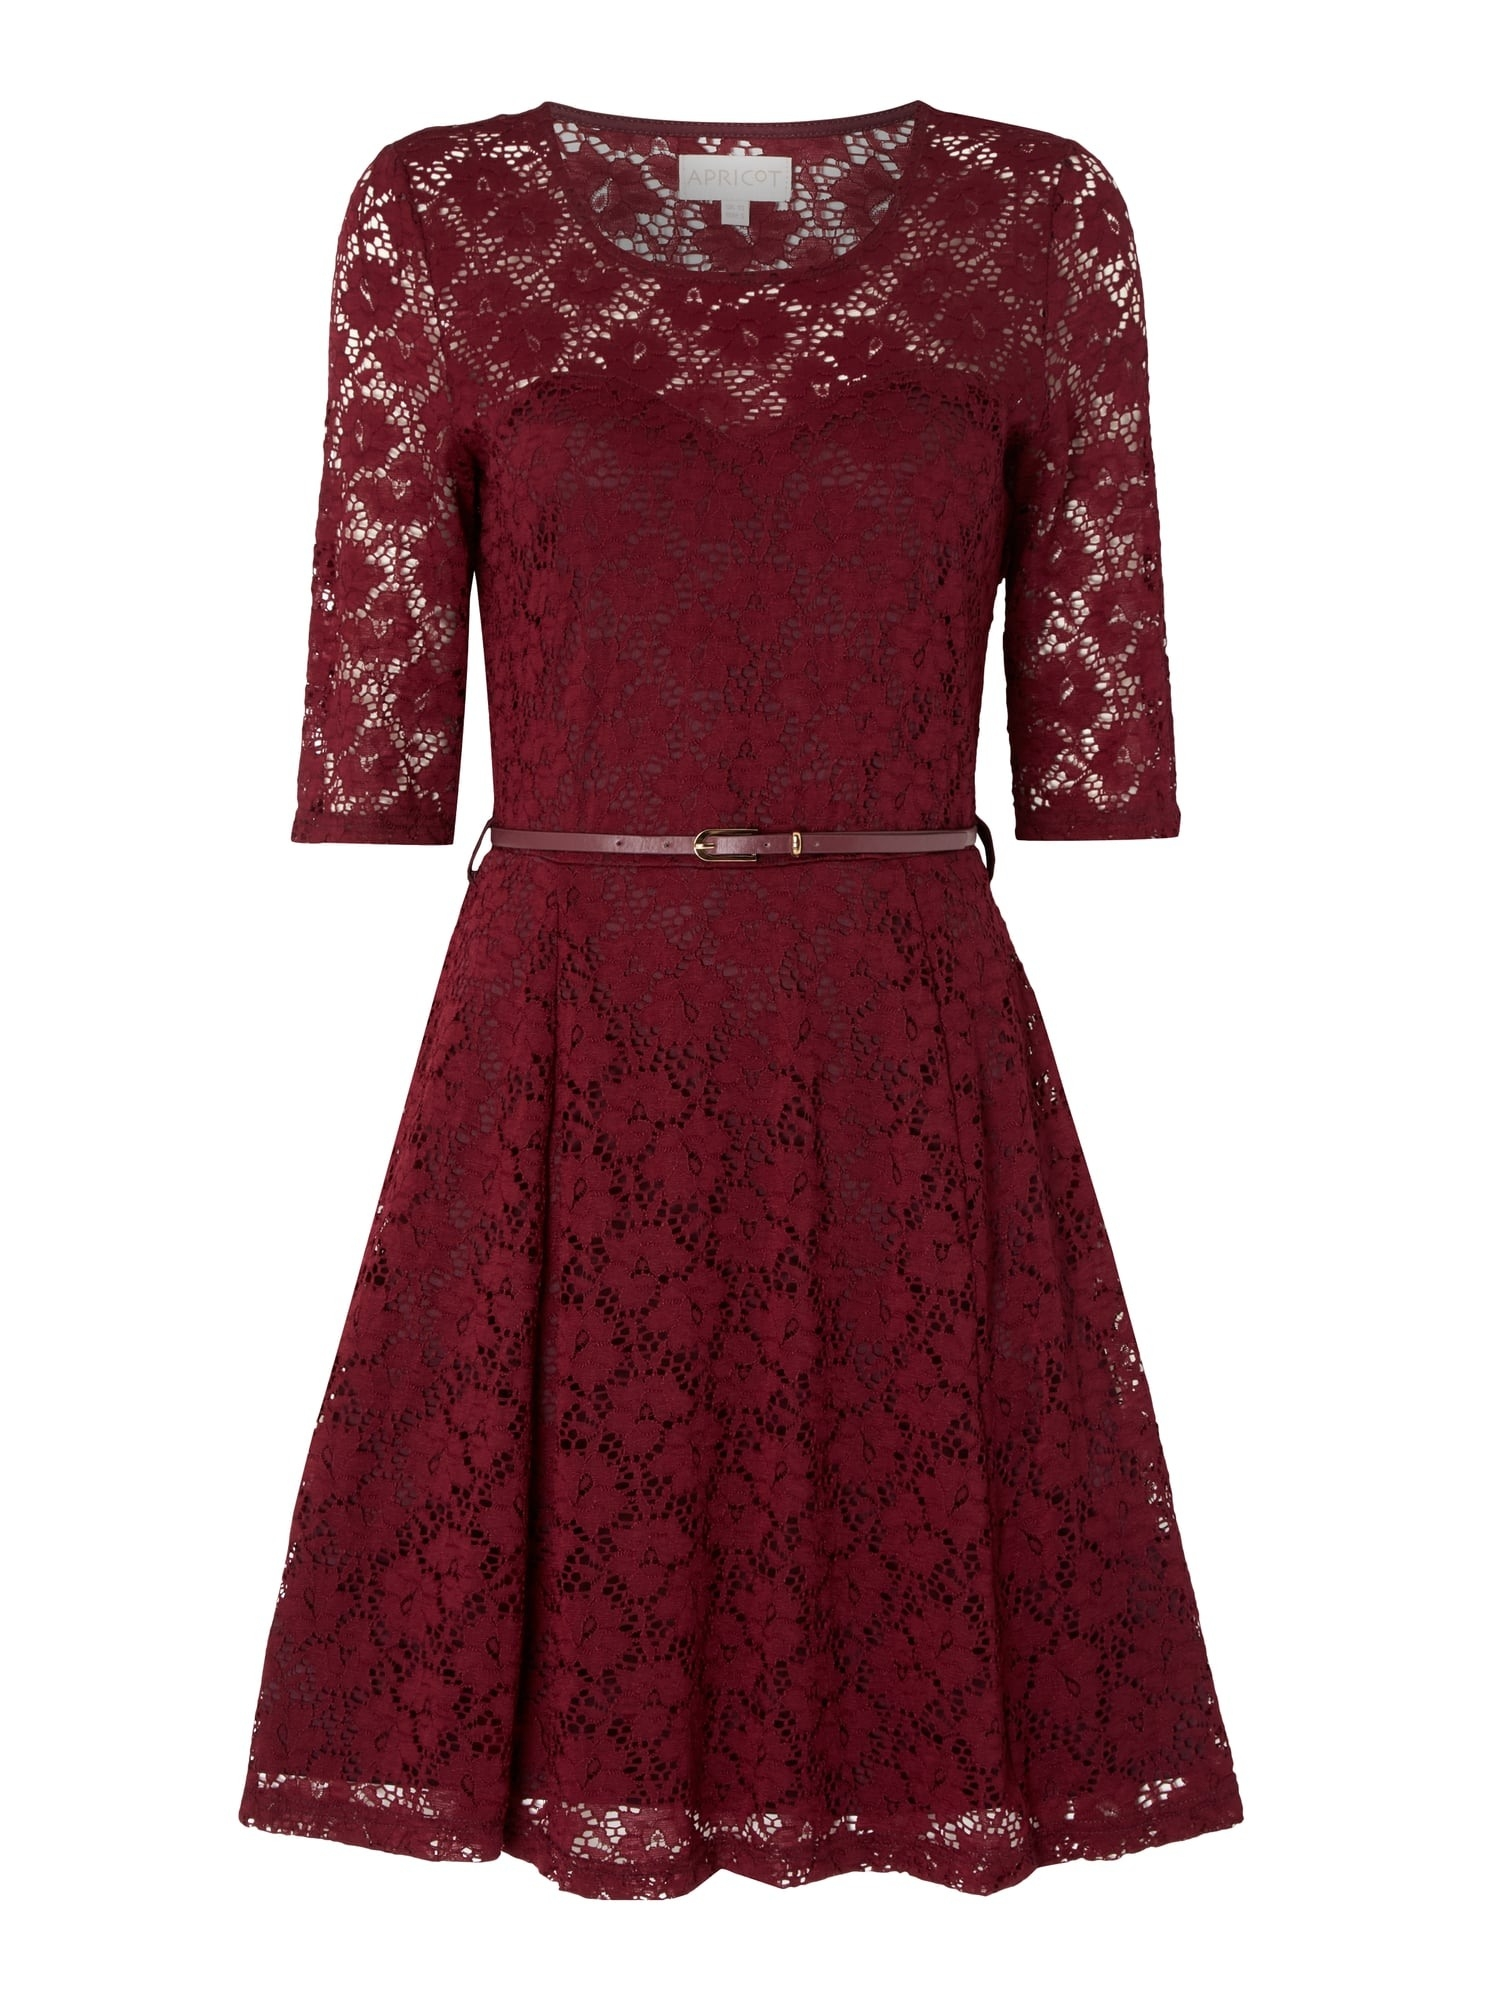 17 Einzigartig Bordeaux Kleid Spitze für 201917 Luxus Bordeaux Kleid Spitze für 2019